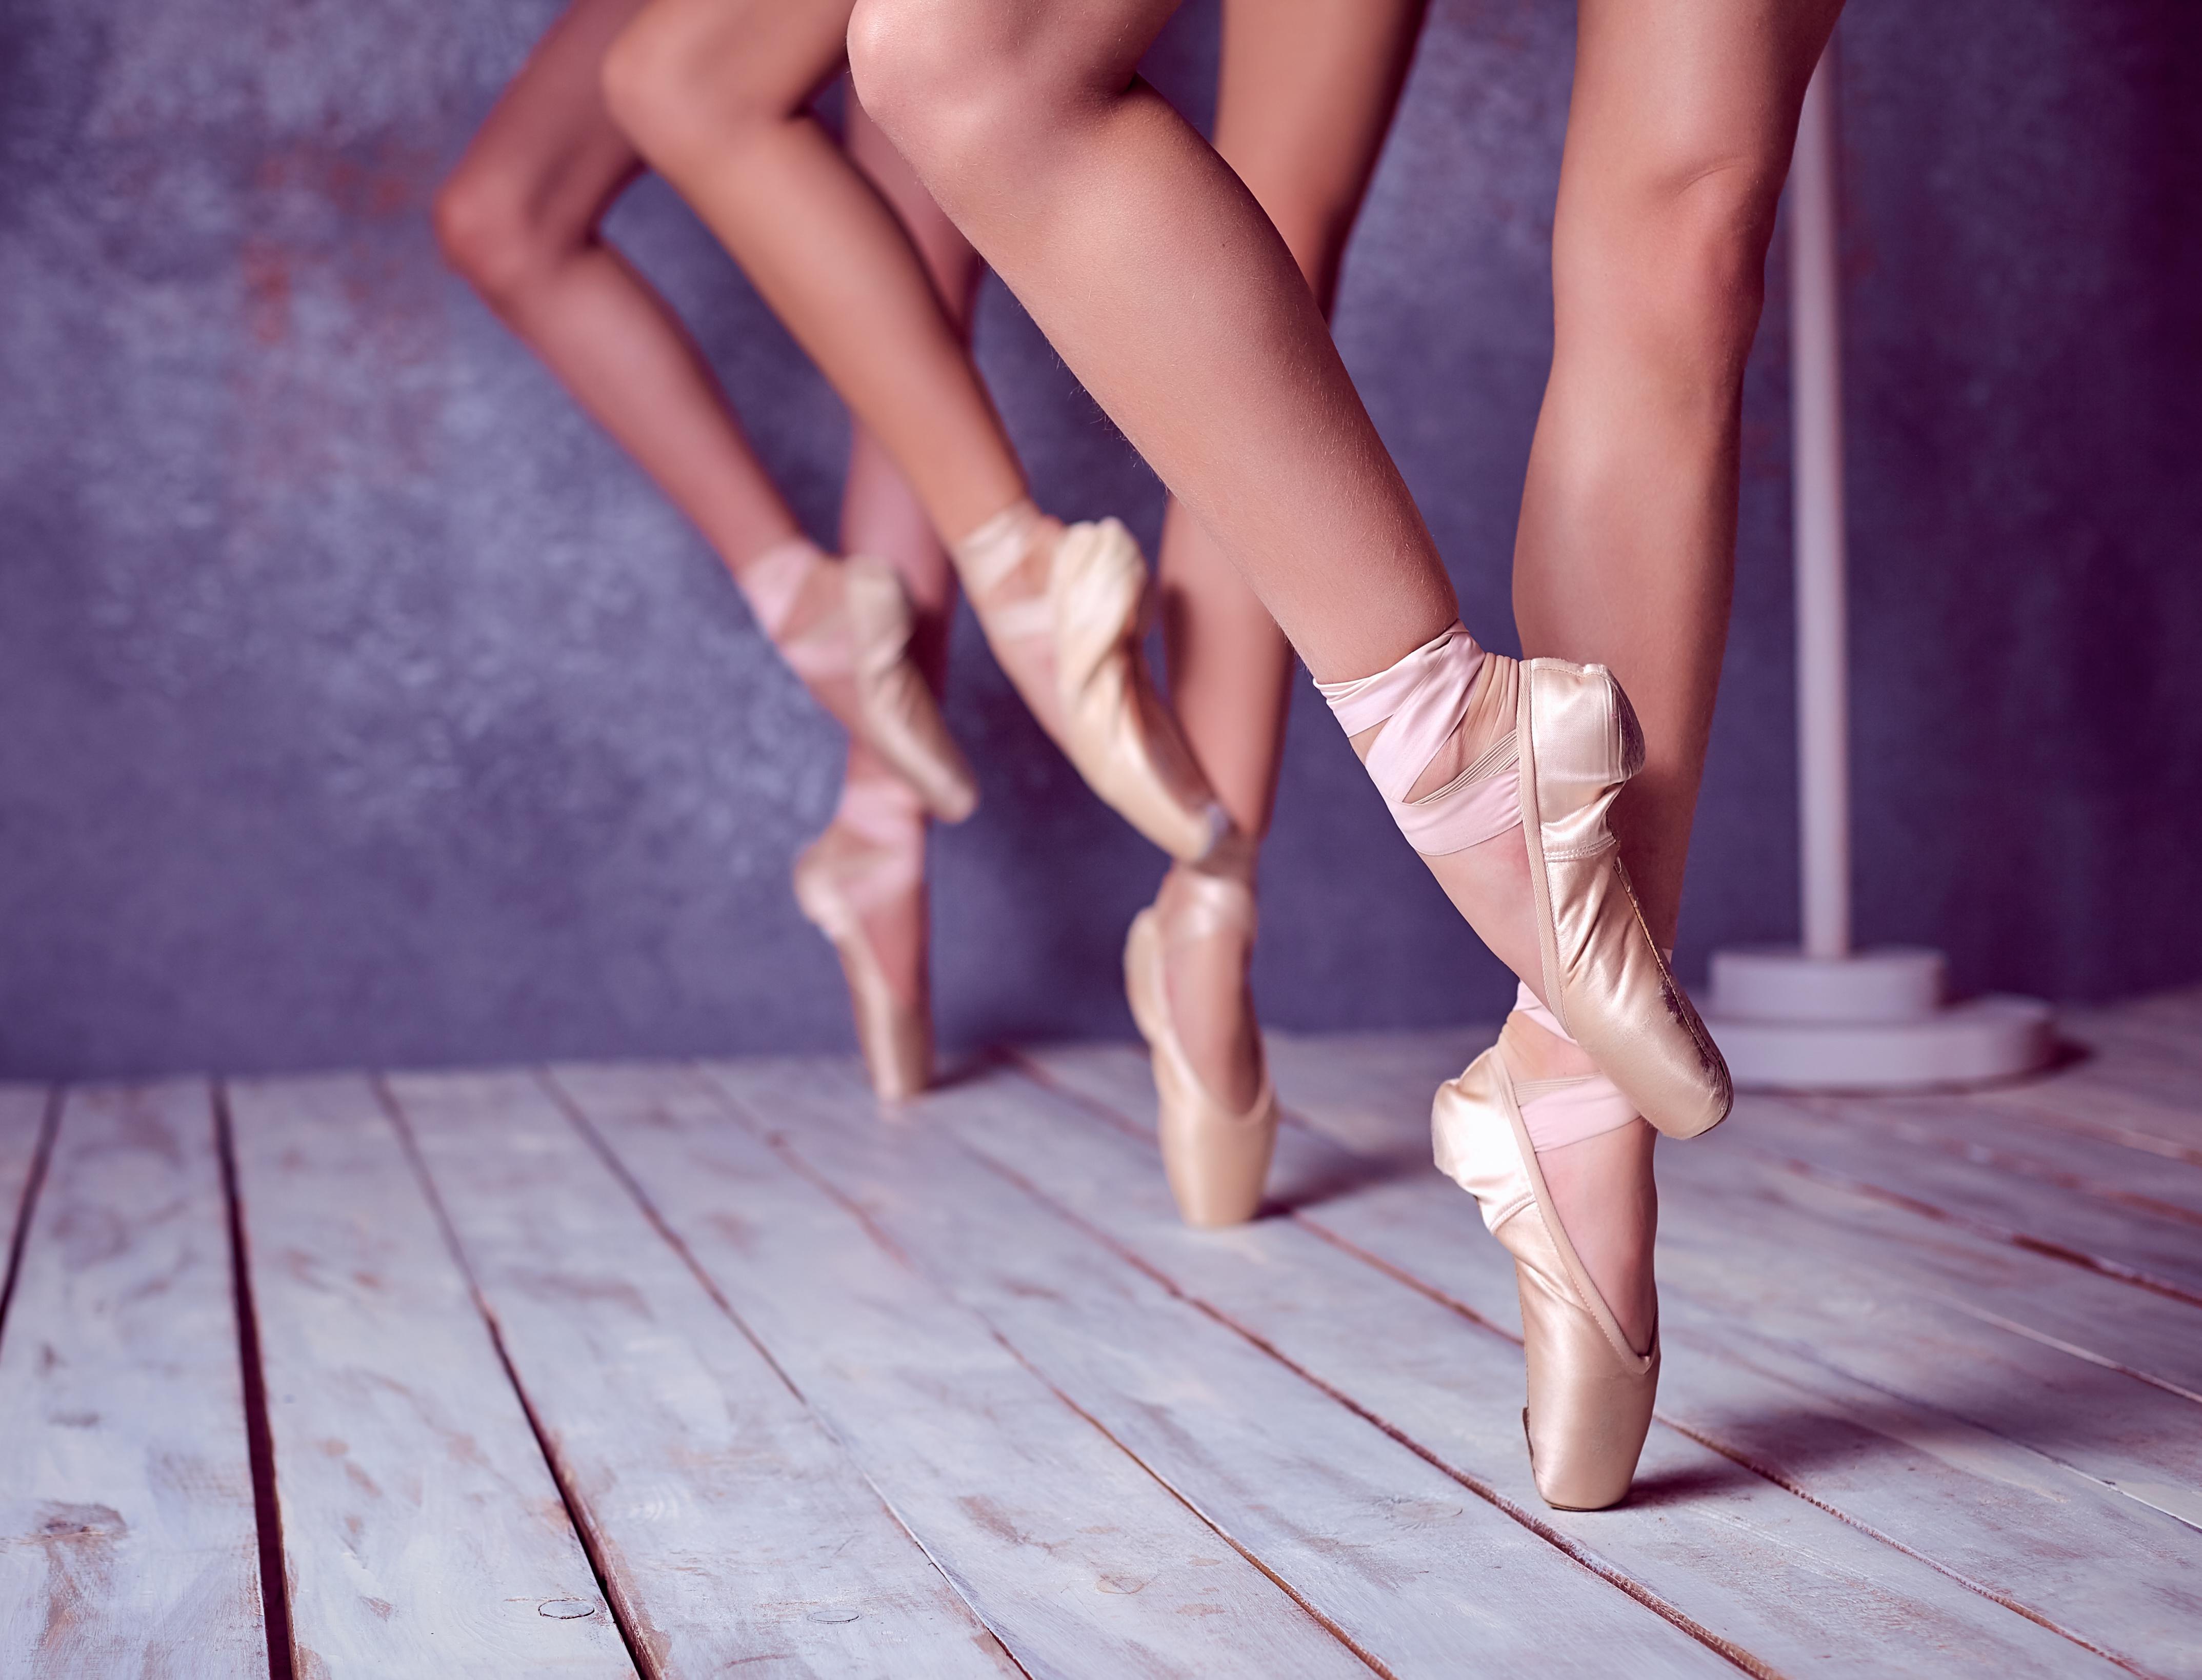 Просмотреть feet challenge рассказы 23 фотография